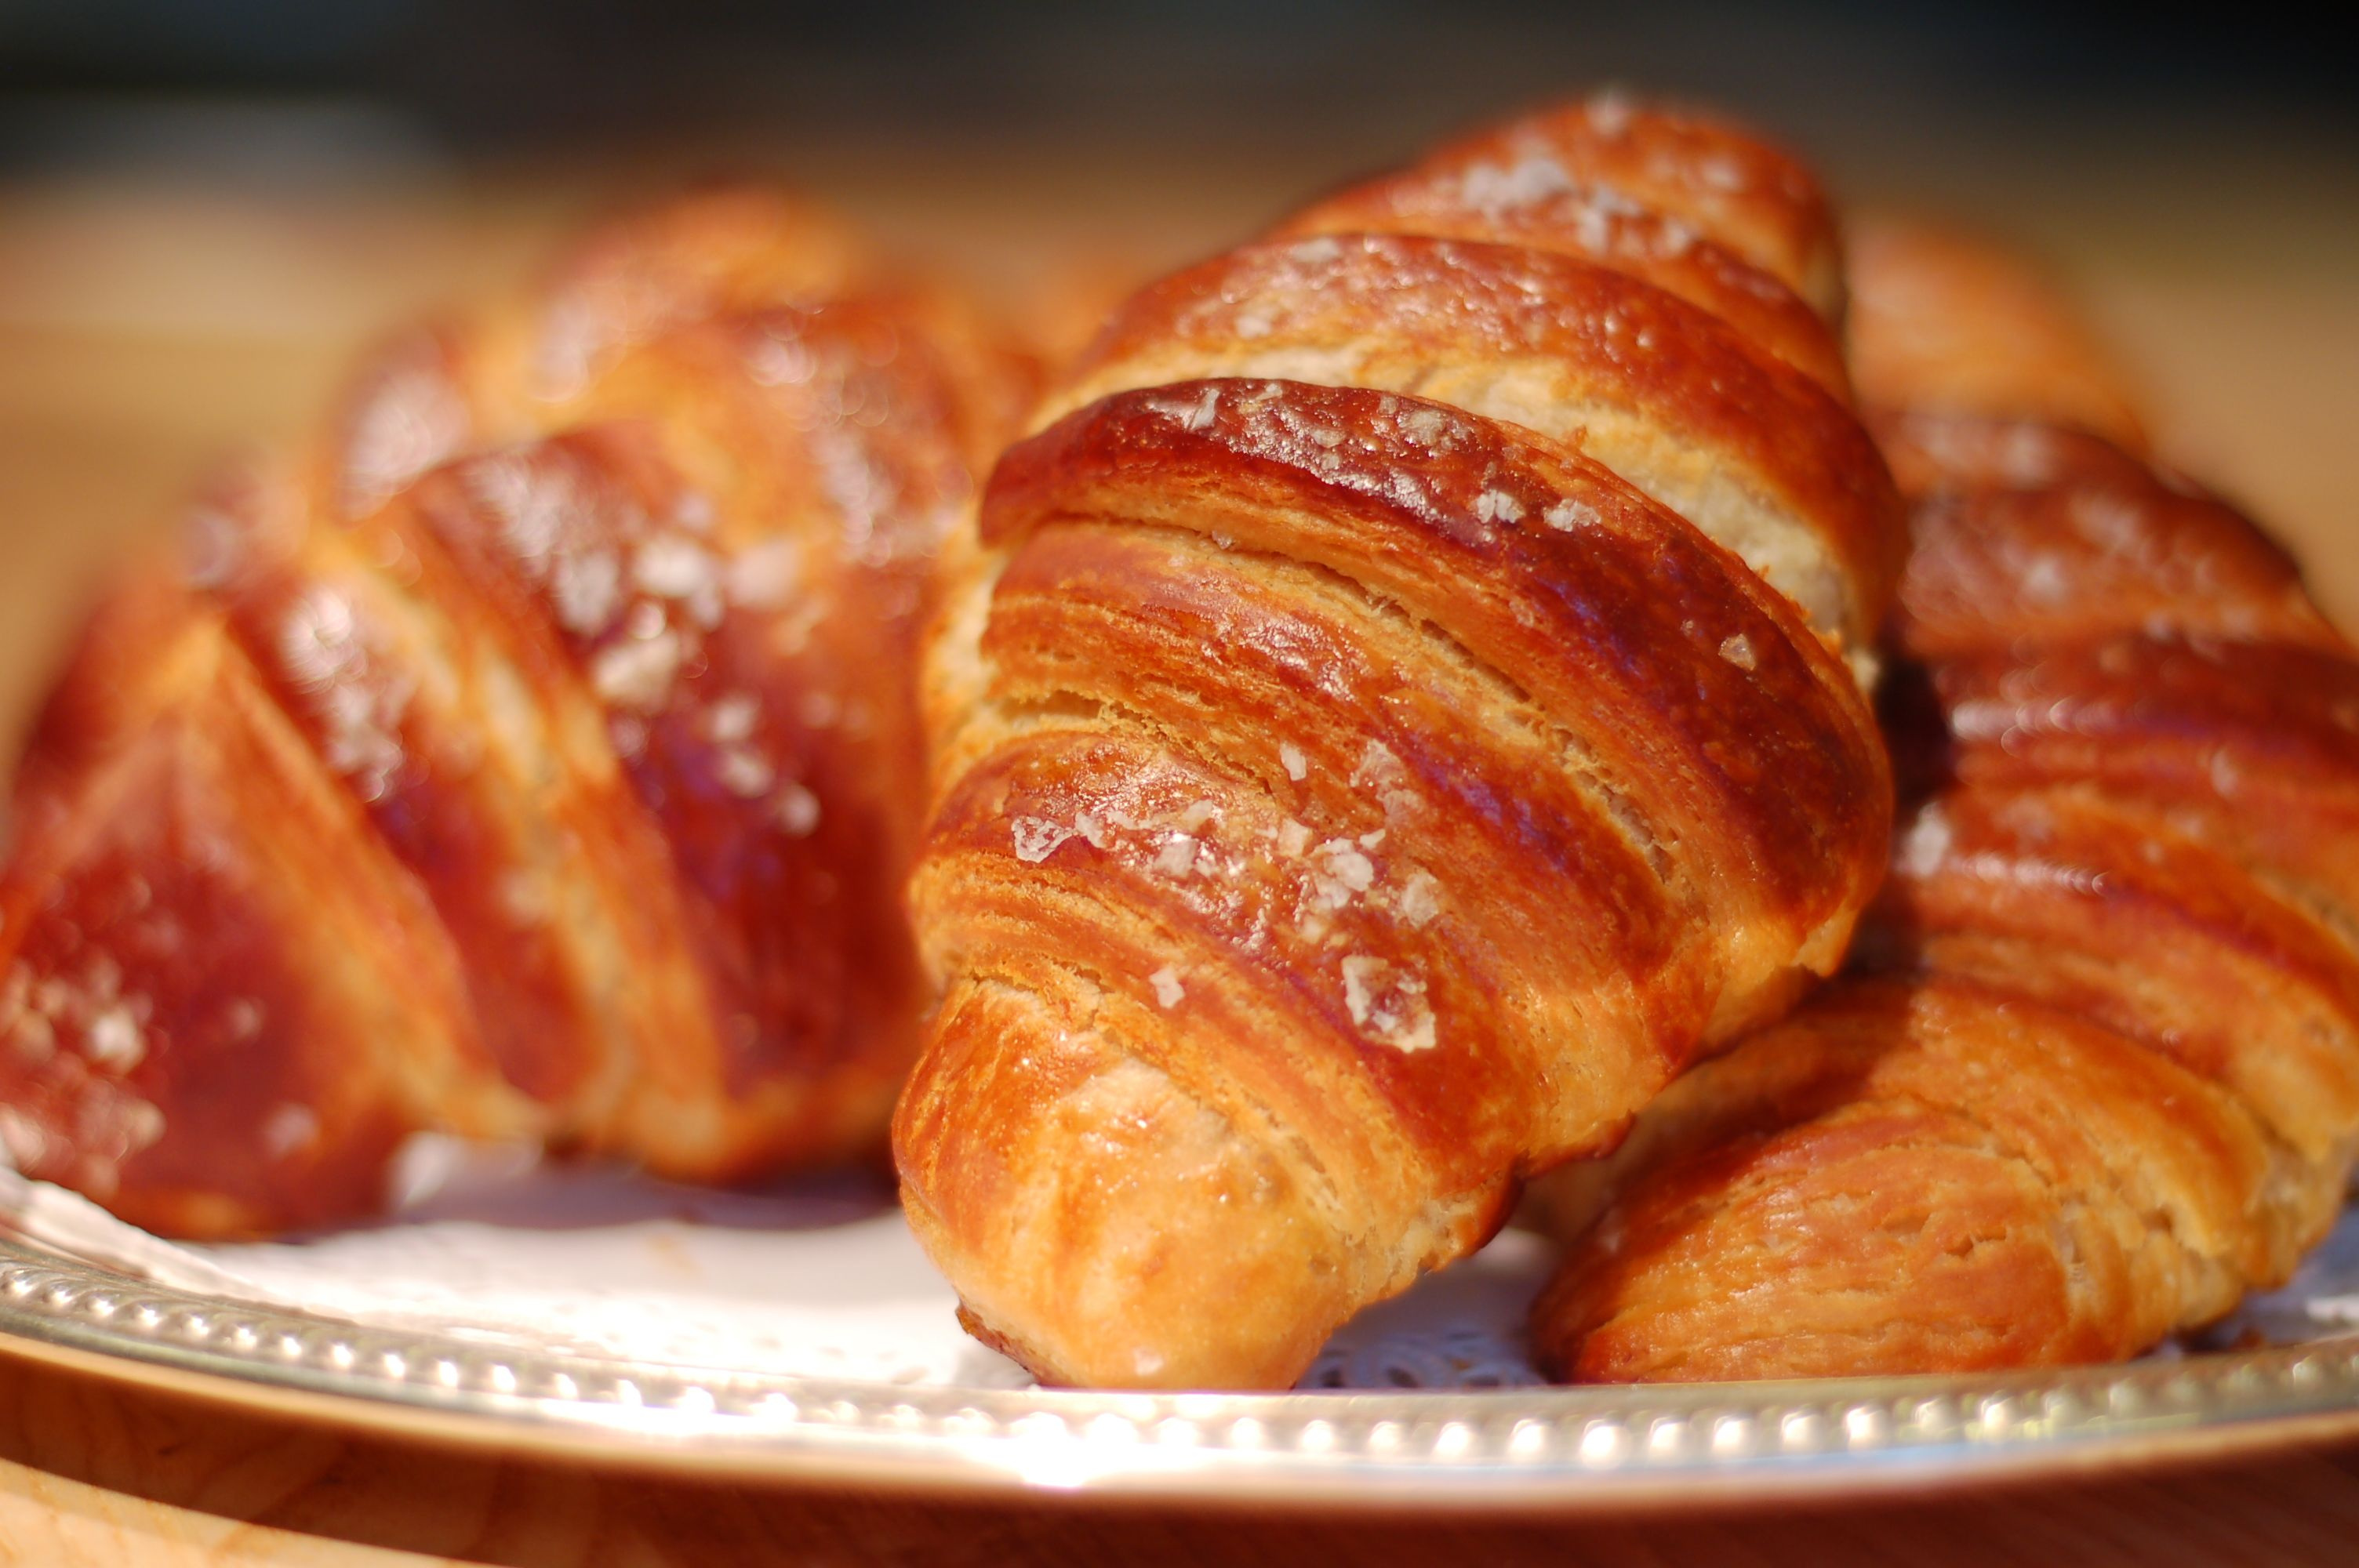 VENERDI 24 MAGGIO, SALUTIAMOCI IN QUESTA SEZIONE Pretzel_croissant